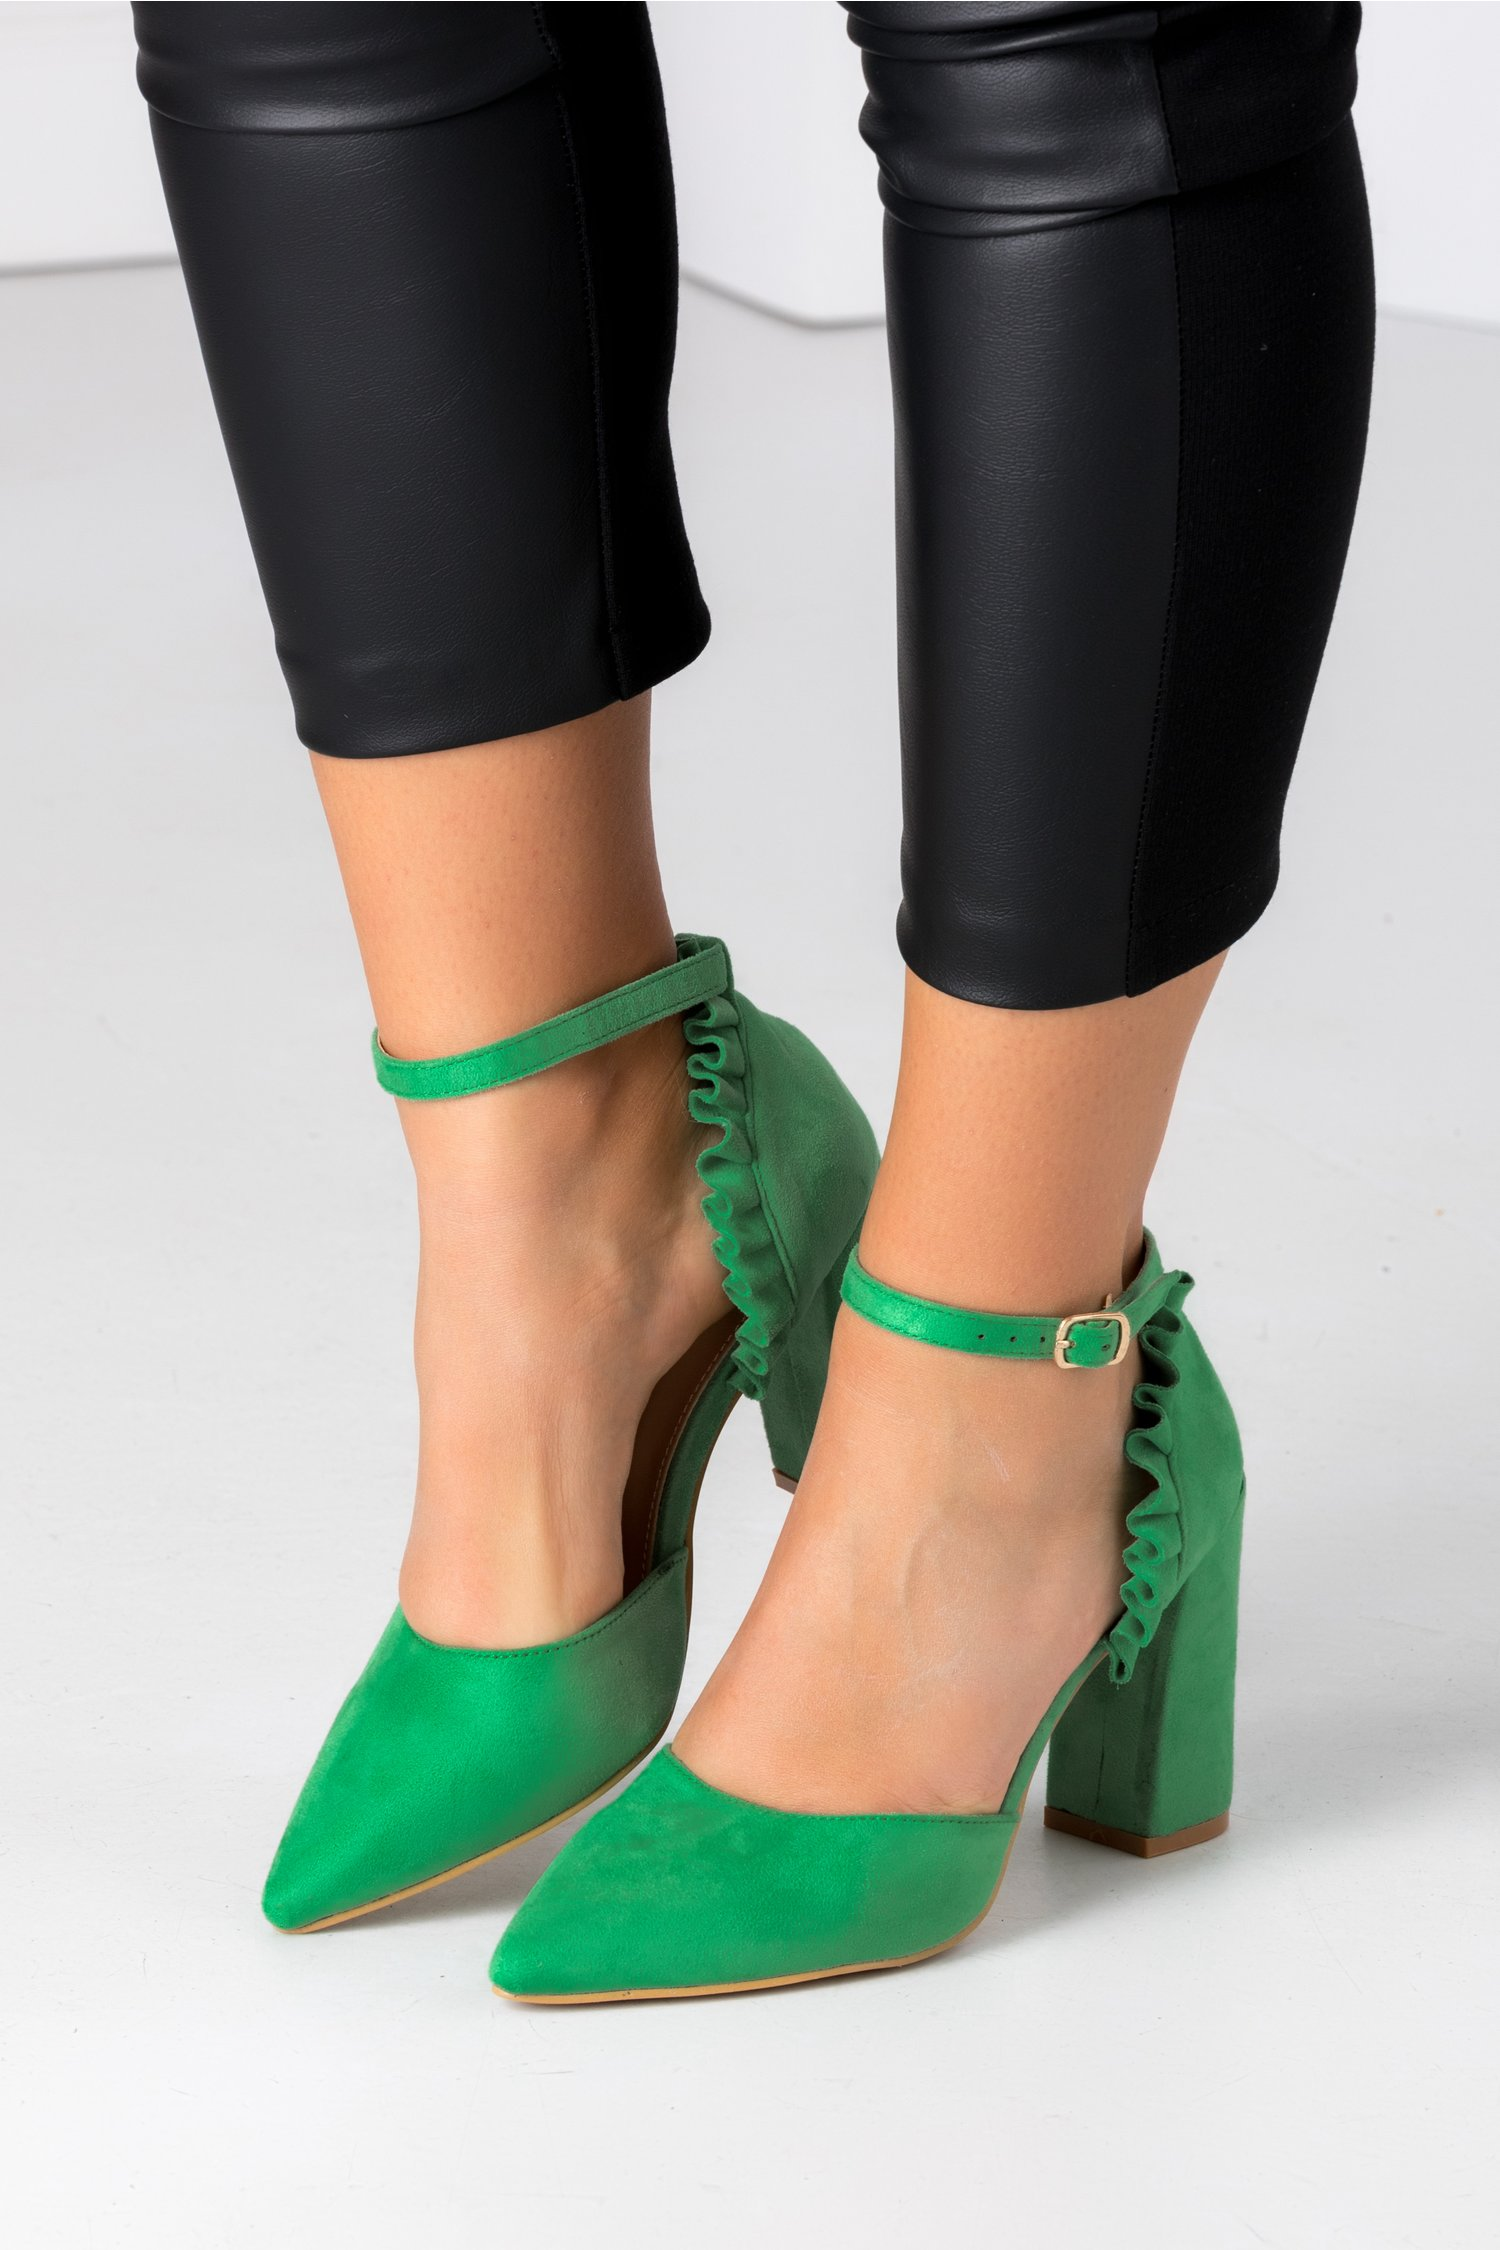 Pantofi Ida verzi cu volanase la spate